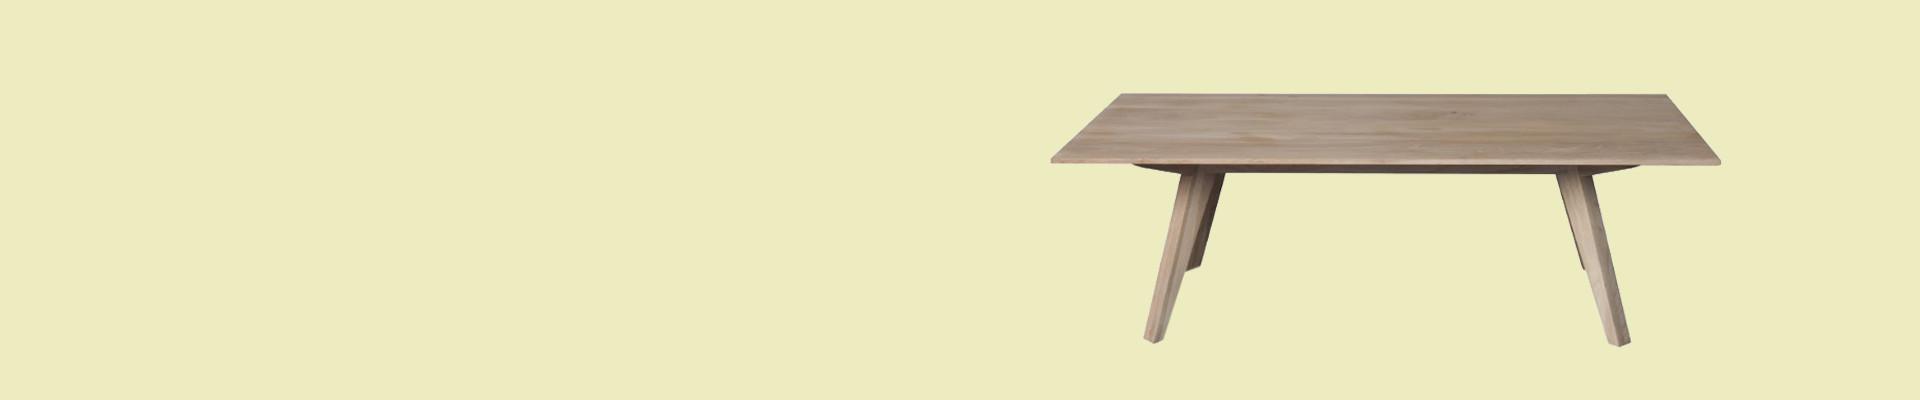 Jual Meja Tamu Model Terbaru - Harga Terbaik